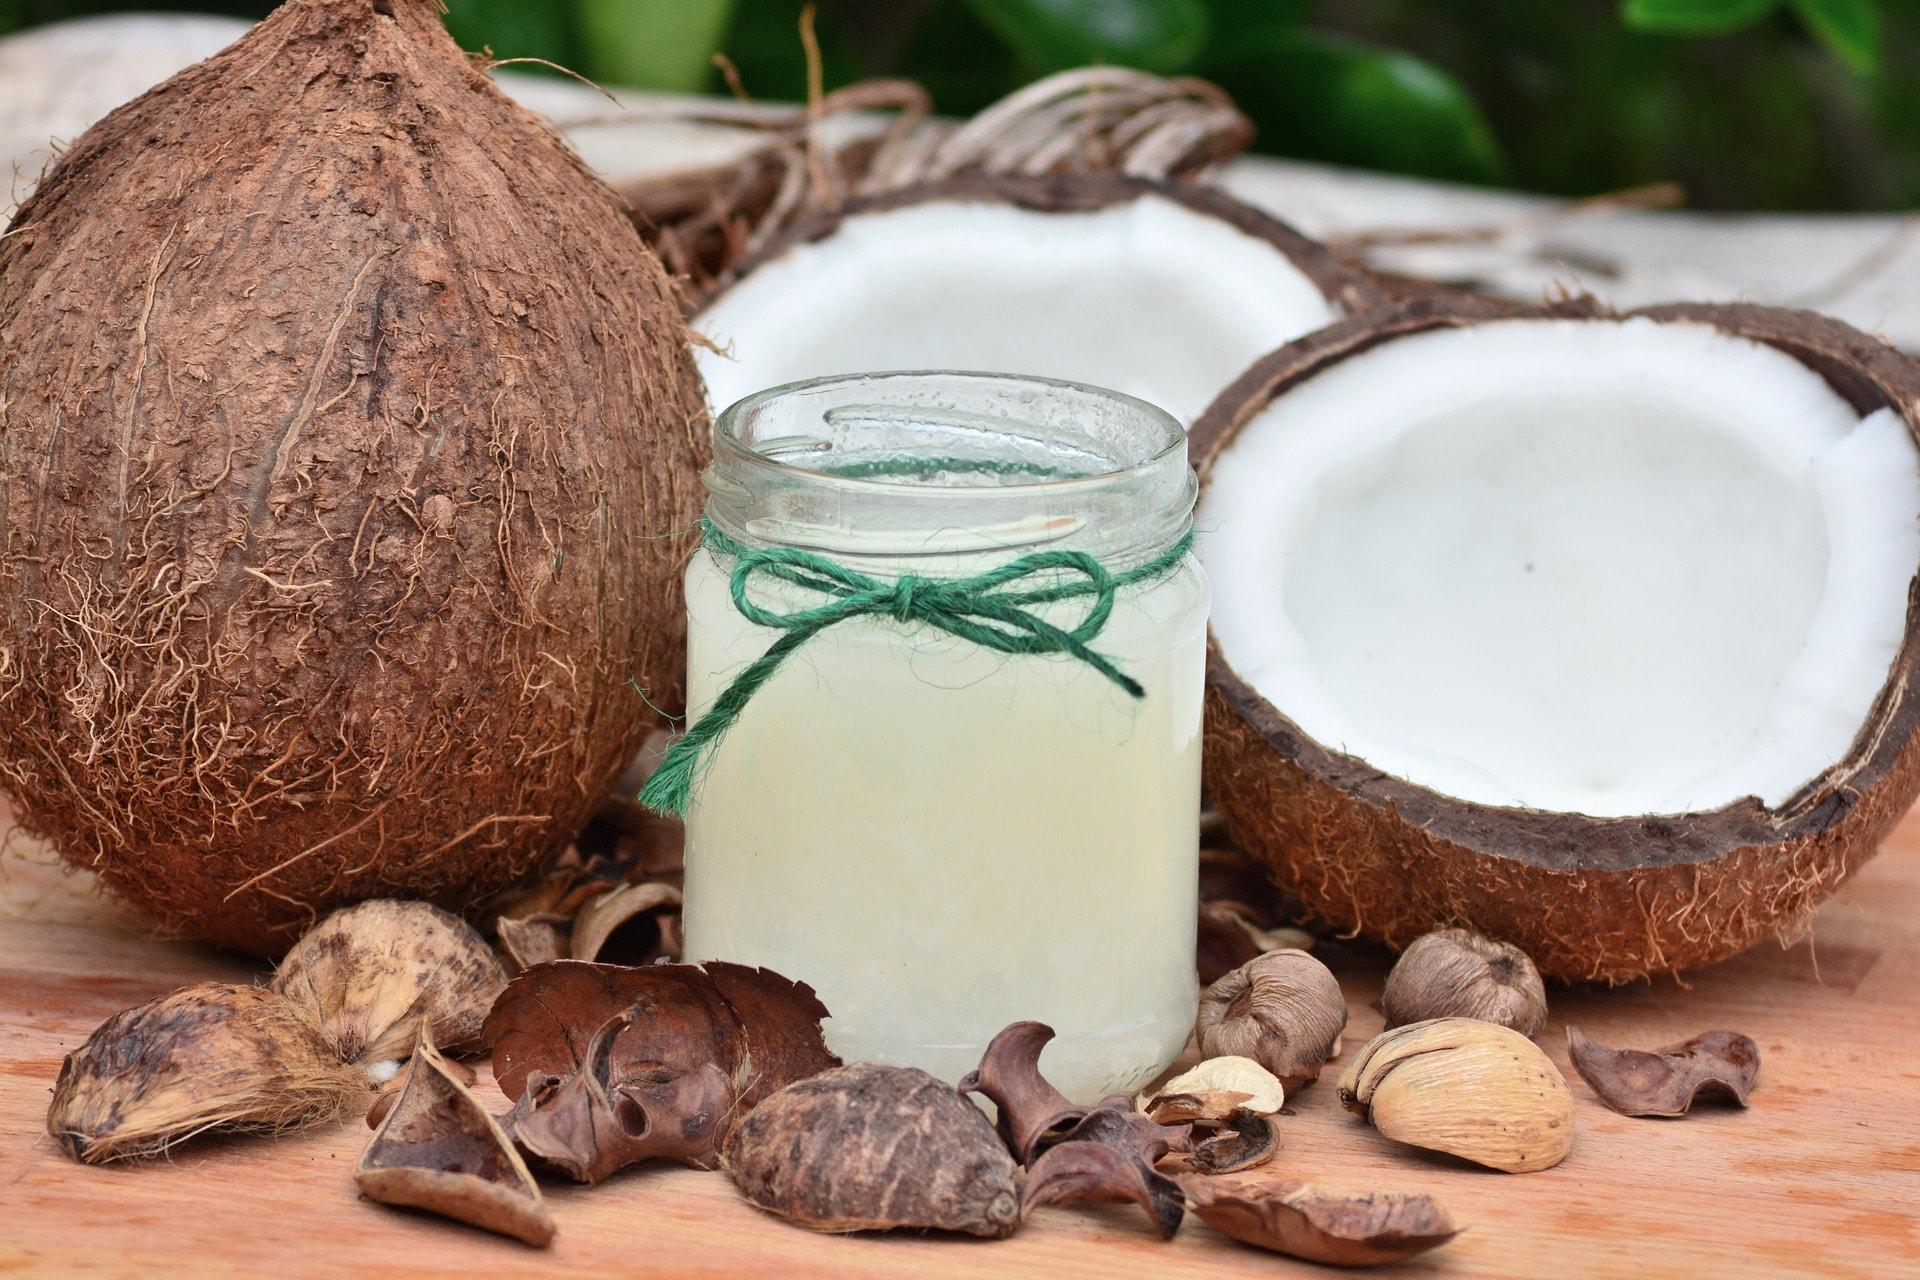 Kandungan minyak kelapa pada minyak telon